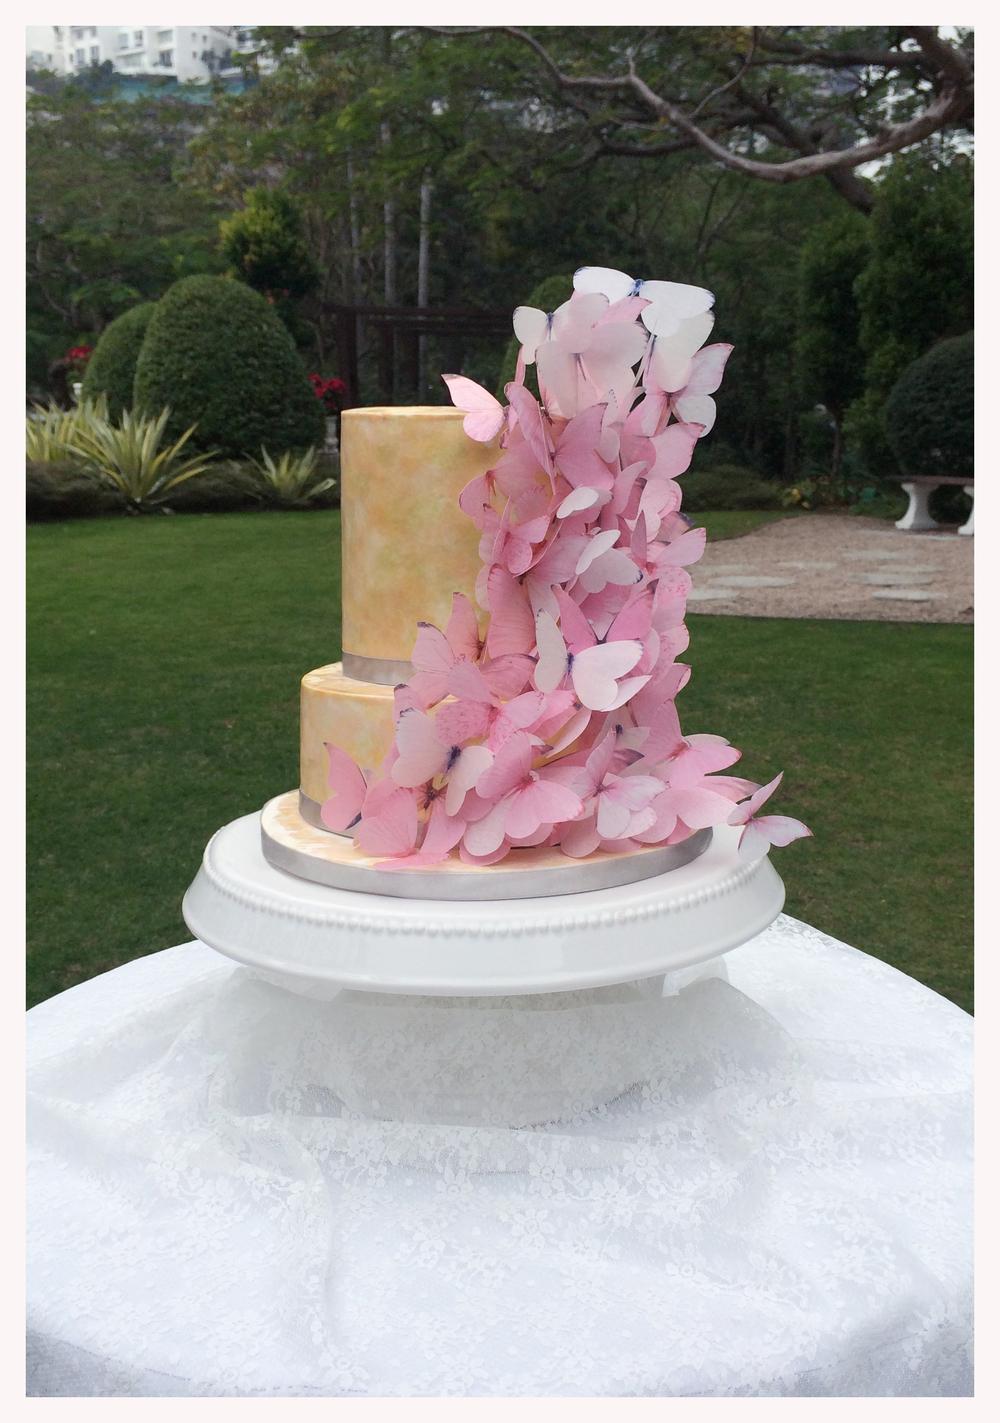 Monerie & Kuen Wedding Cake.jpg